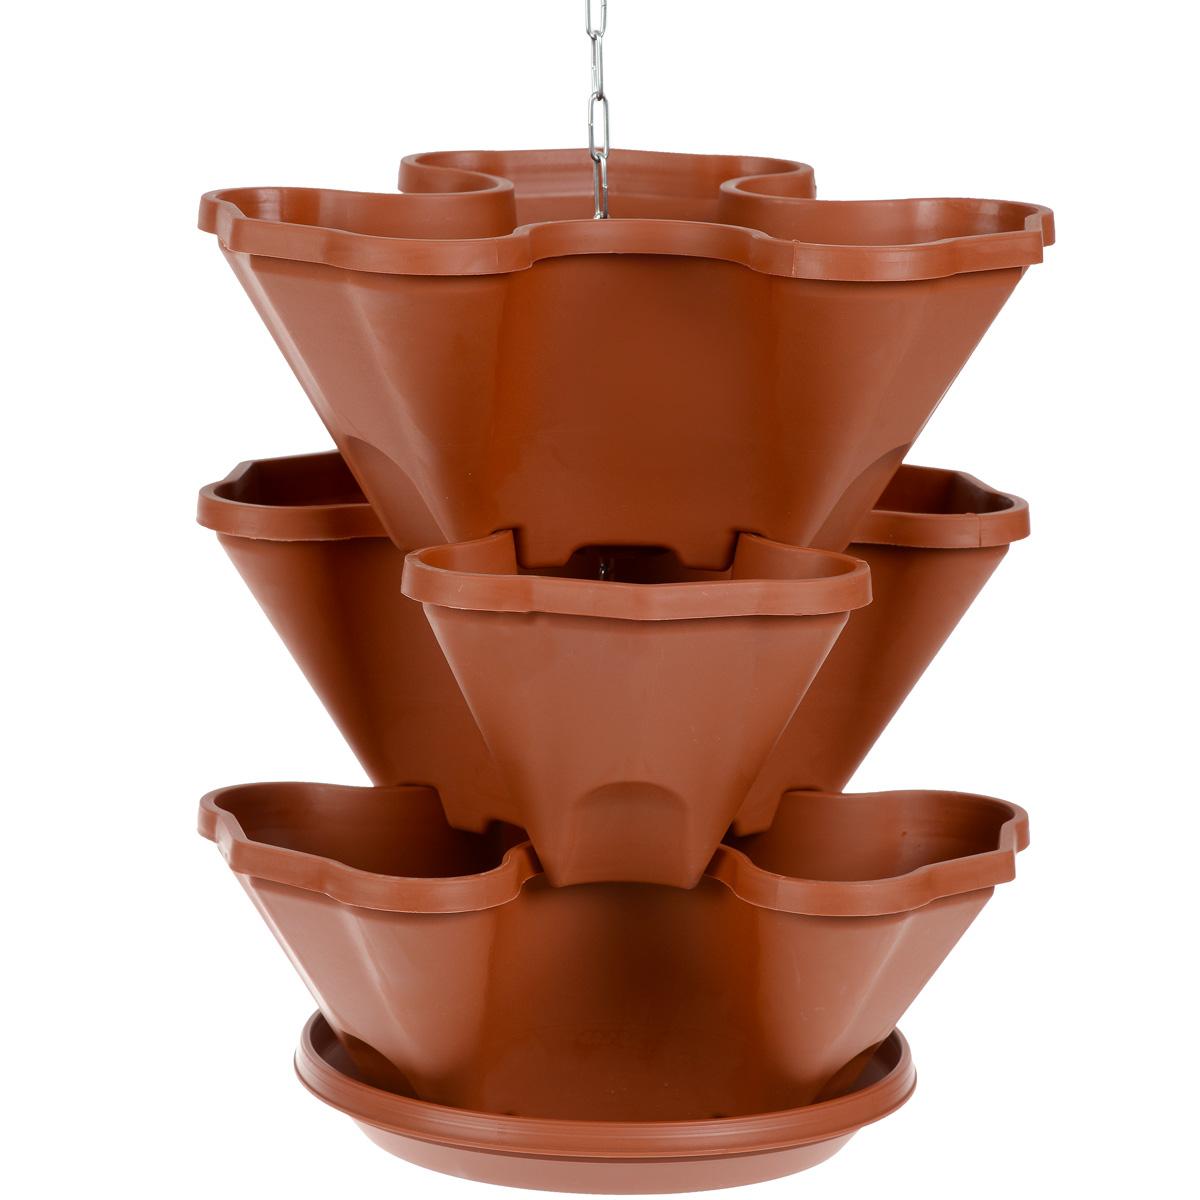 Кашпо трехъярусное Darel Plastic Каскад, подвесное, с поддоном, высота 36,5 смKOC_SOL373Трехъярусное кашпо Darel Plastic Каскад предназначено для вертикального озеленения и ампельных растений. Может использоваться в стационарном и подвесном вариантах (на специальной цепочке). Изделие состоит из отдельных пластиковых контейнеров (кашпо) и пристегивающегося поддона. Ярусы расположены с поворотом друг относительно друга, что позволяет растениям цвести и развиваться, не мешая друг другу. Изделие легко хранится и транспортируется - в сложенном виде секции цветника входят друг в друга, благодаря чему он компактно складывается и не занимает много места. В комплекте предусмотрена подвесная металлическая цепочка. Размер одного яруса: 32 см х 31 см. Общая высота кашпо: 36,5 см. Диаметр поддона: 25 см.